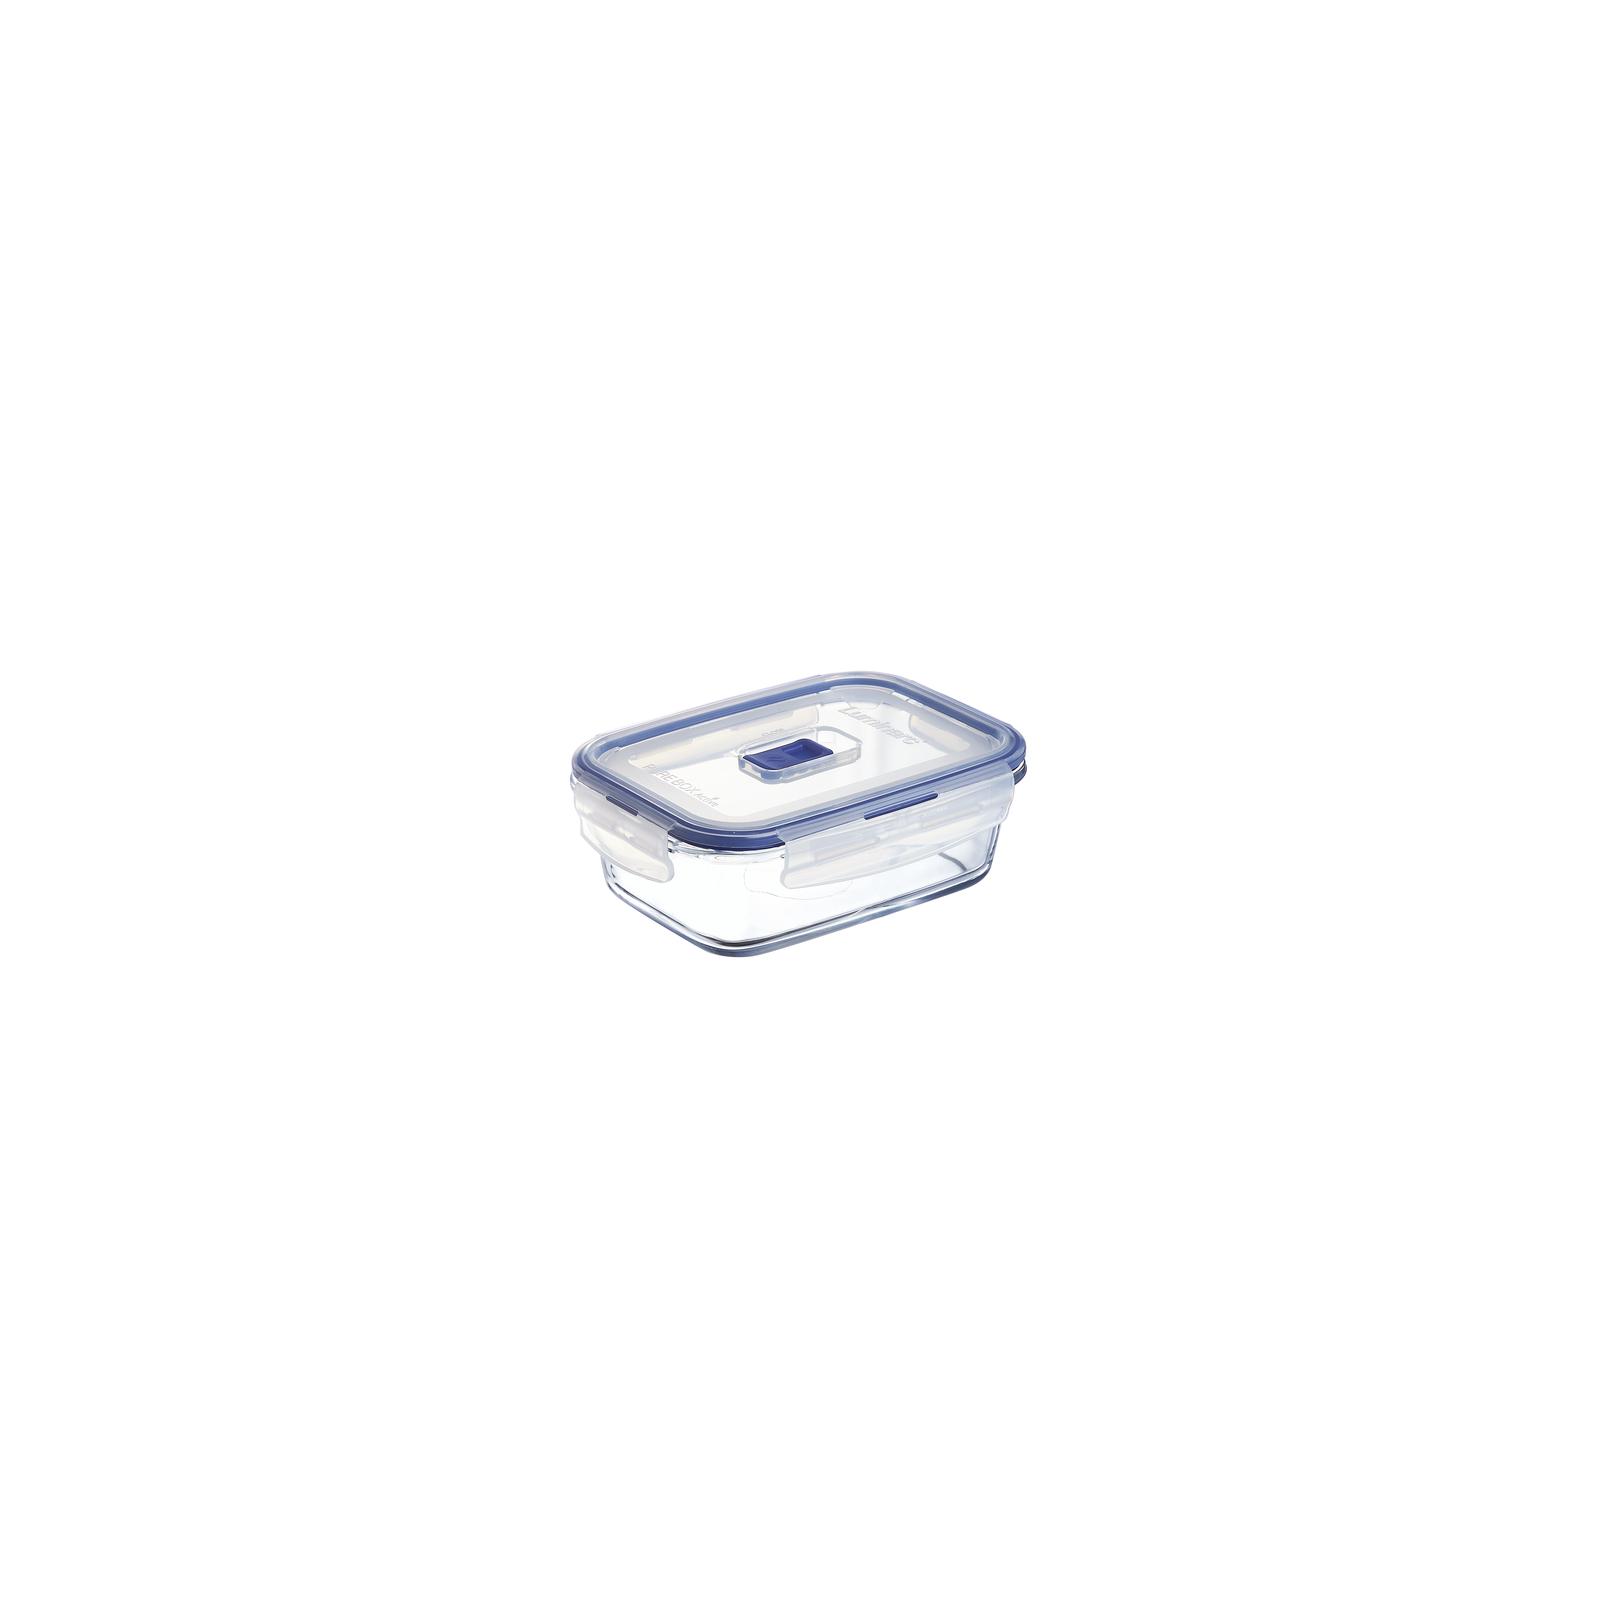 Пищевой контейнер Luminarc Pure Box Active набор 2шт прямоуг. 820мл/1220мл (P5505) изображение 2